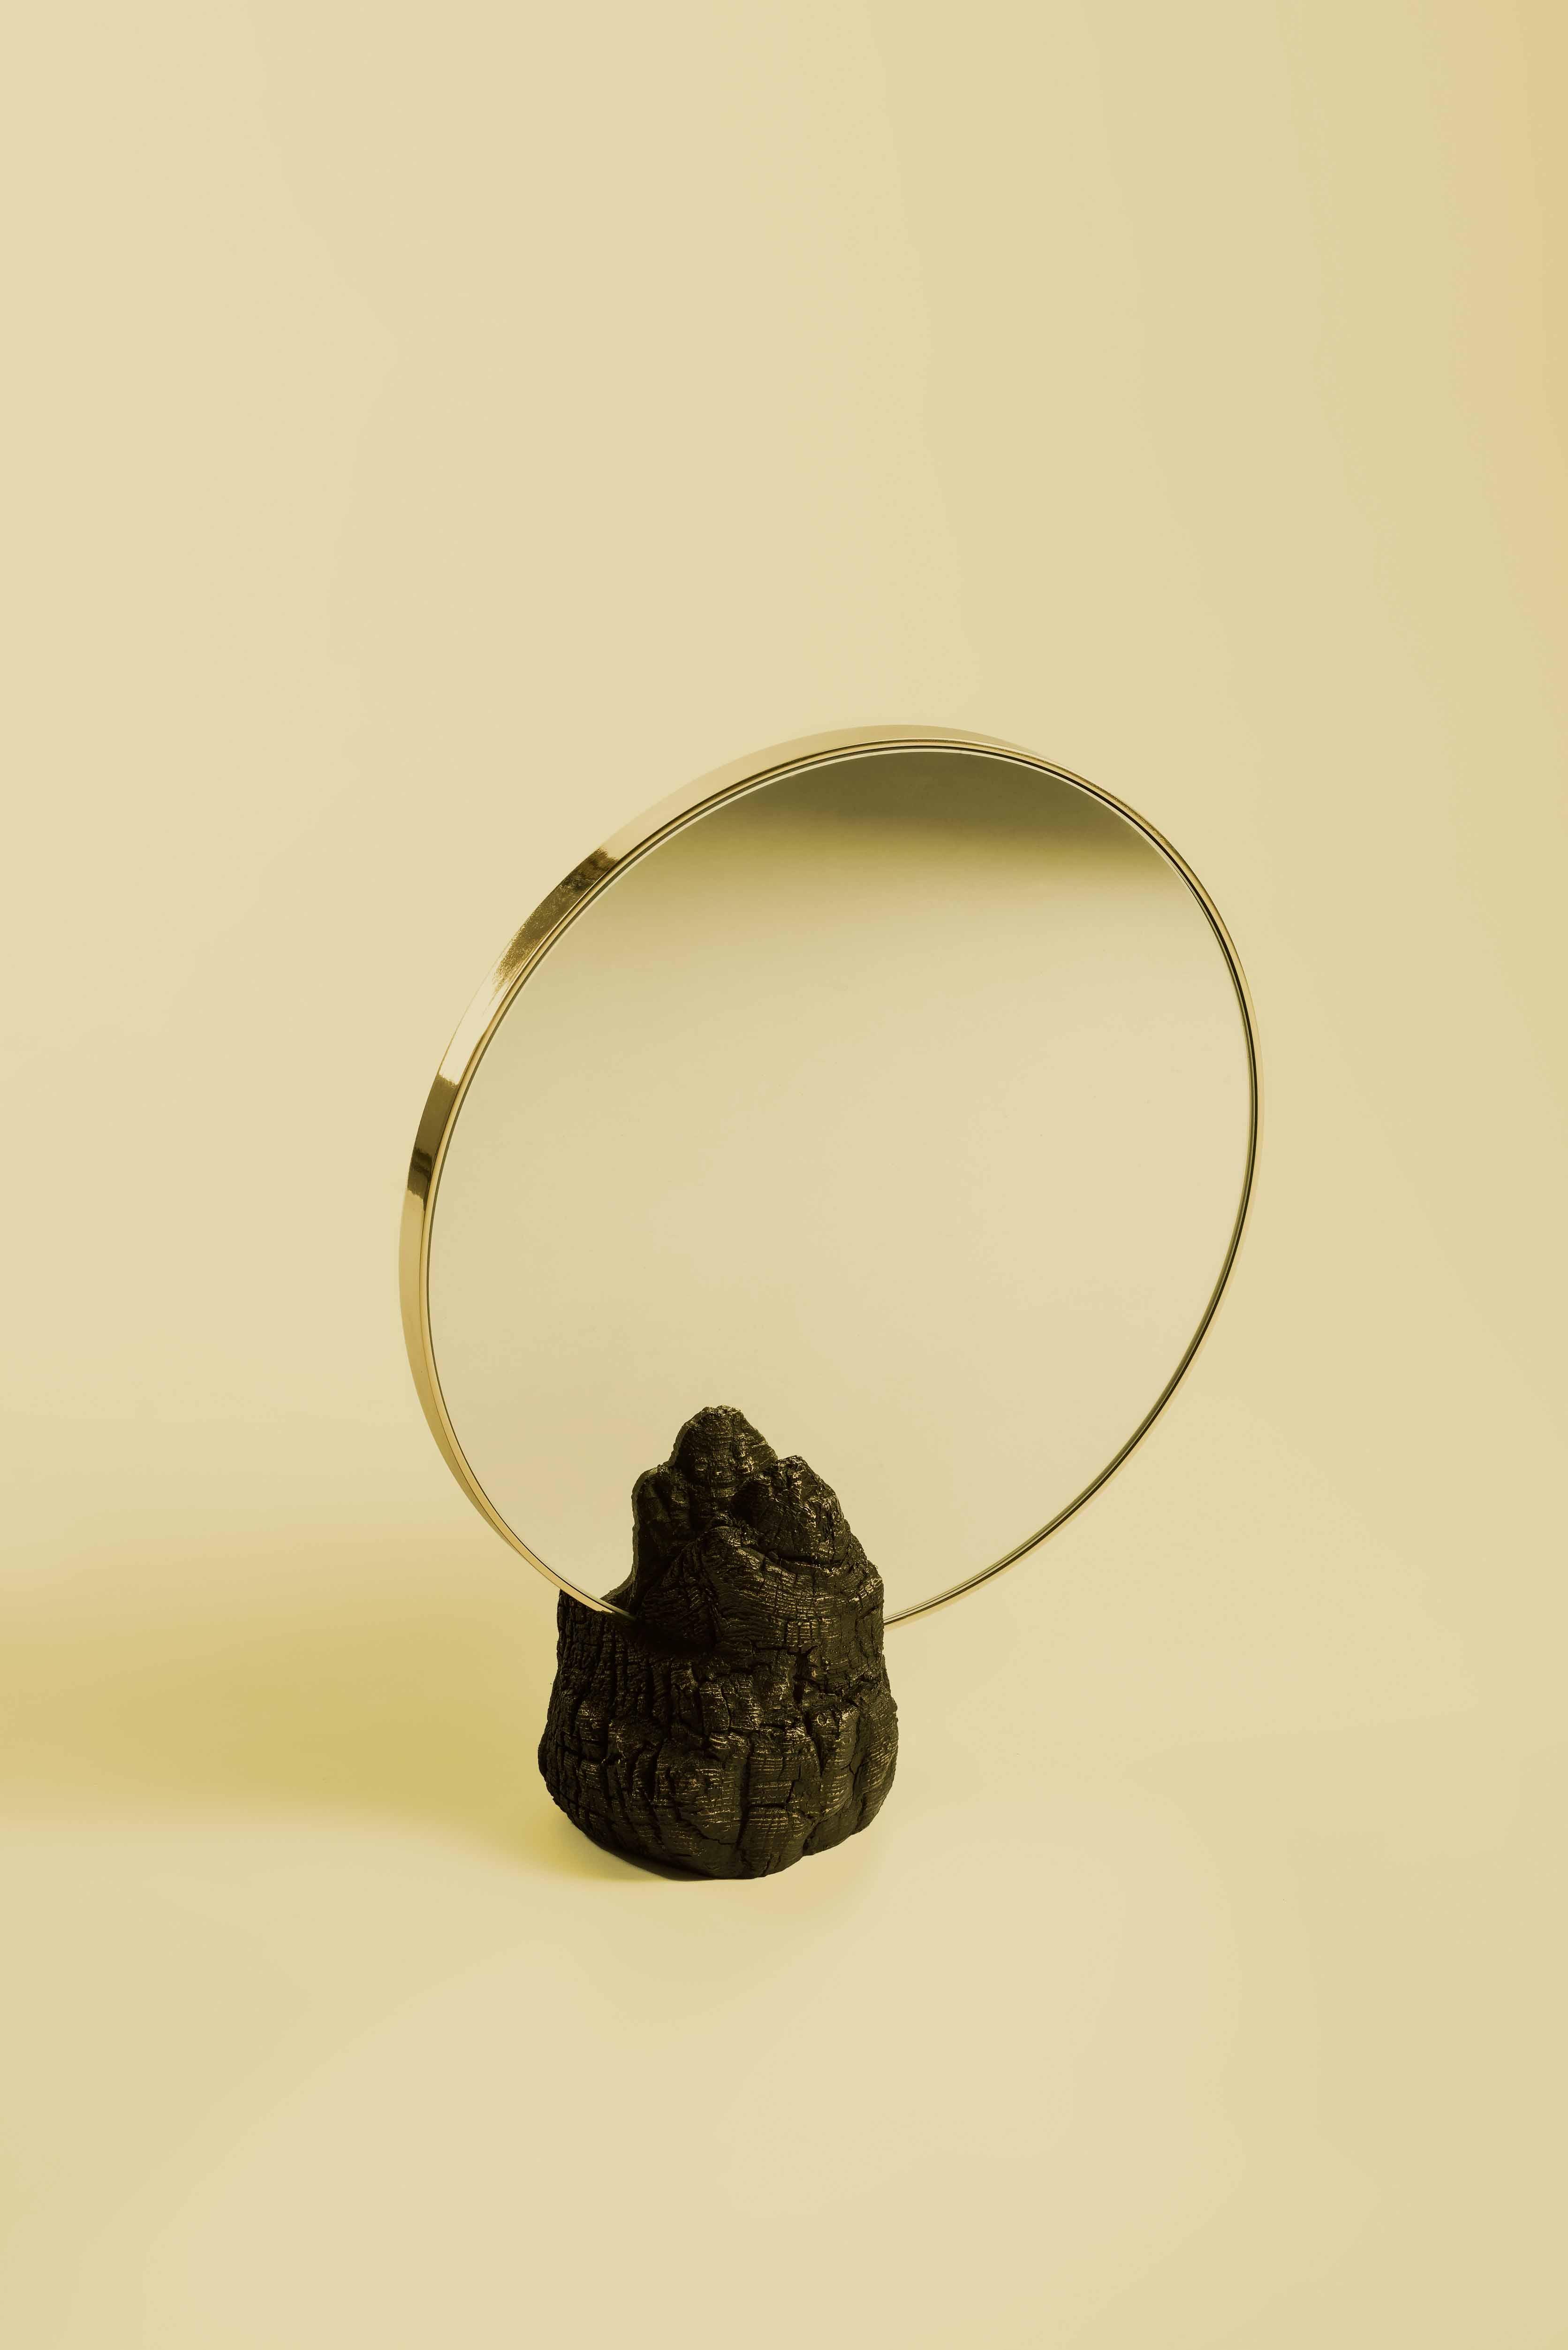 Miroir de table Fuoco (2017) de Roberto Sironi et Fonderia Artistica Battaglia. Bronze, éd. limitée à 12 ex. par la Gallery S. Bensimon,